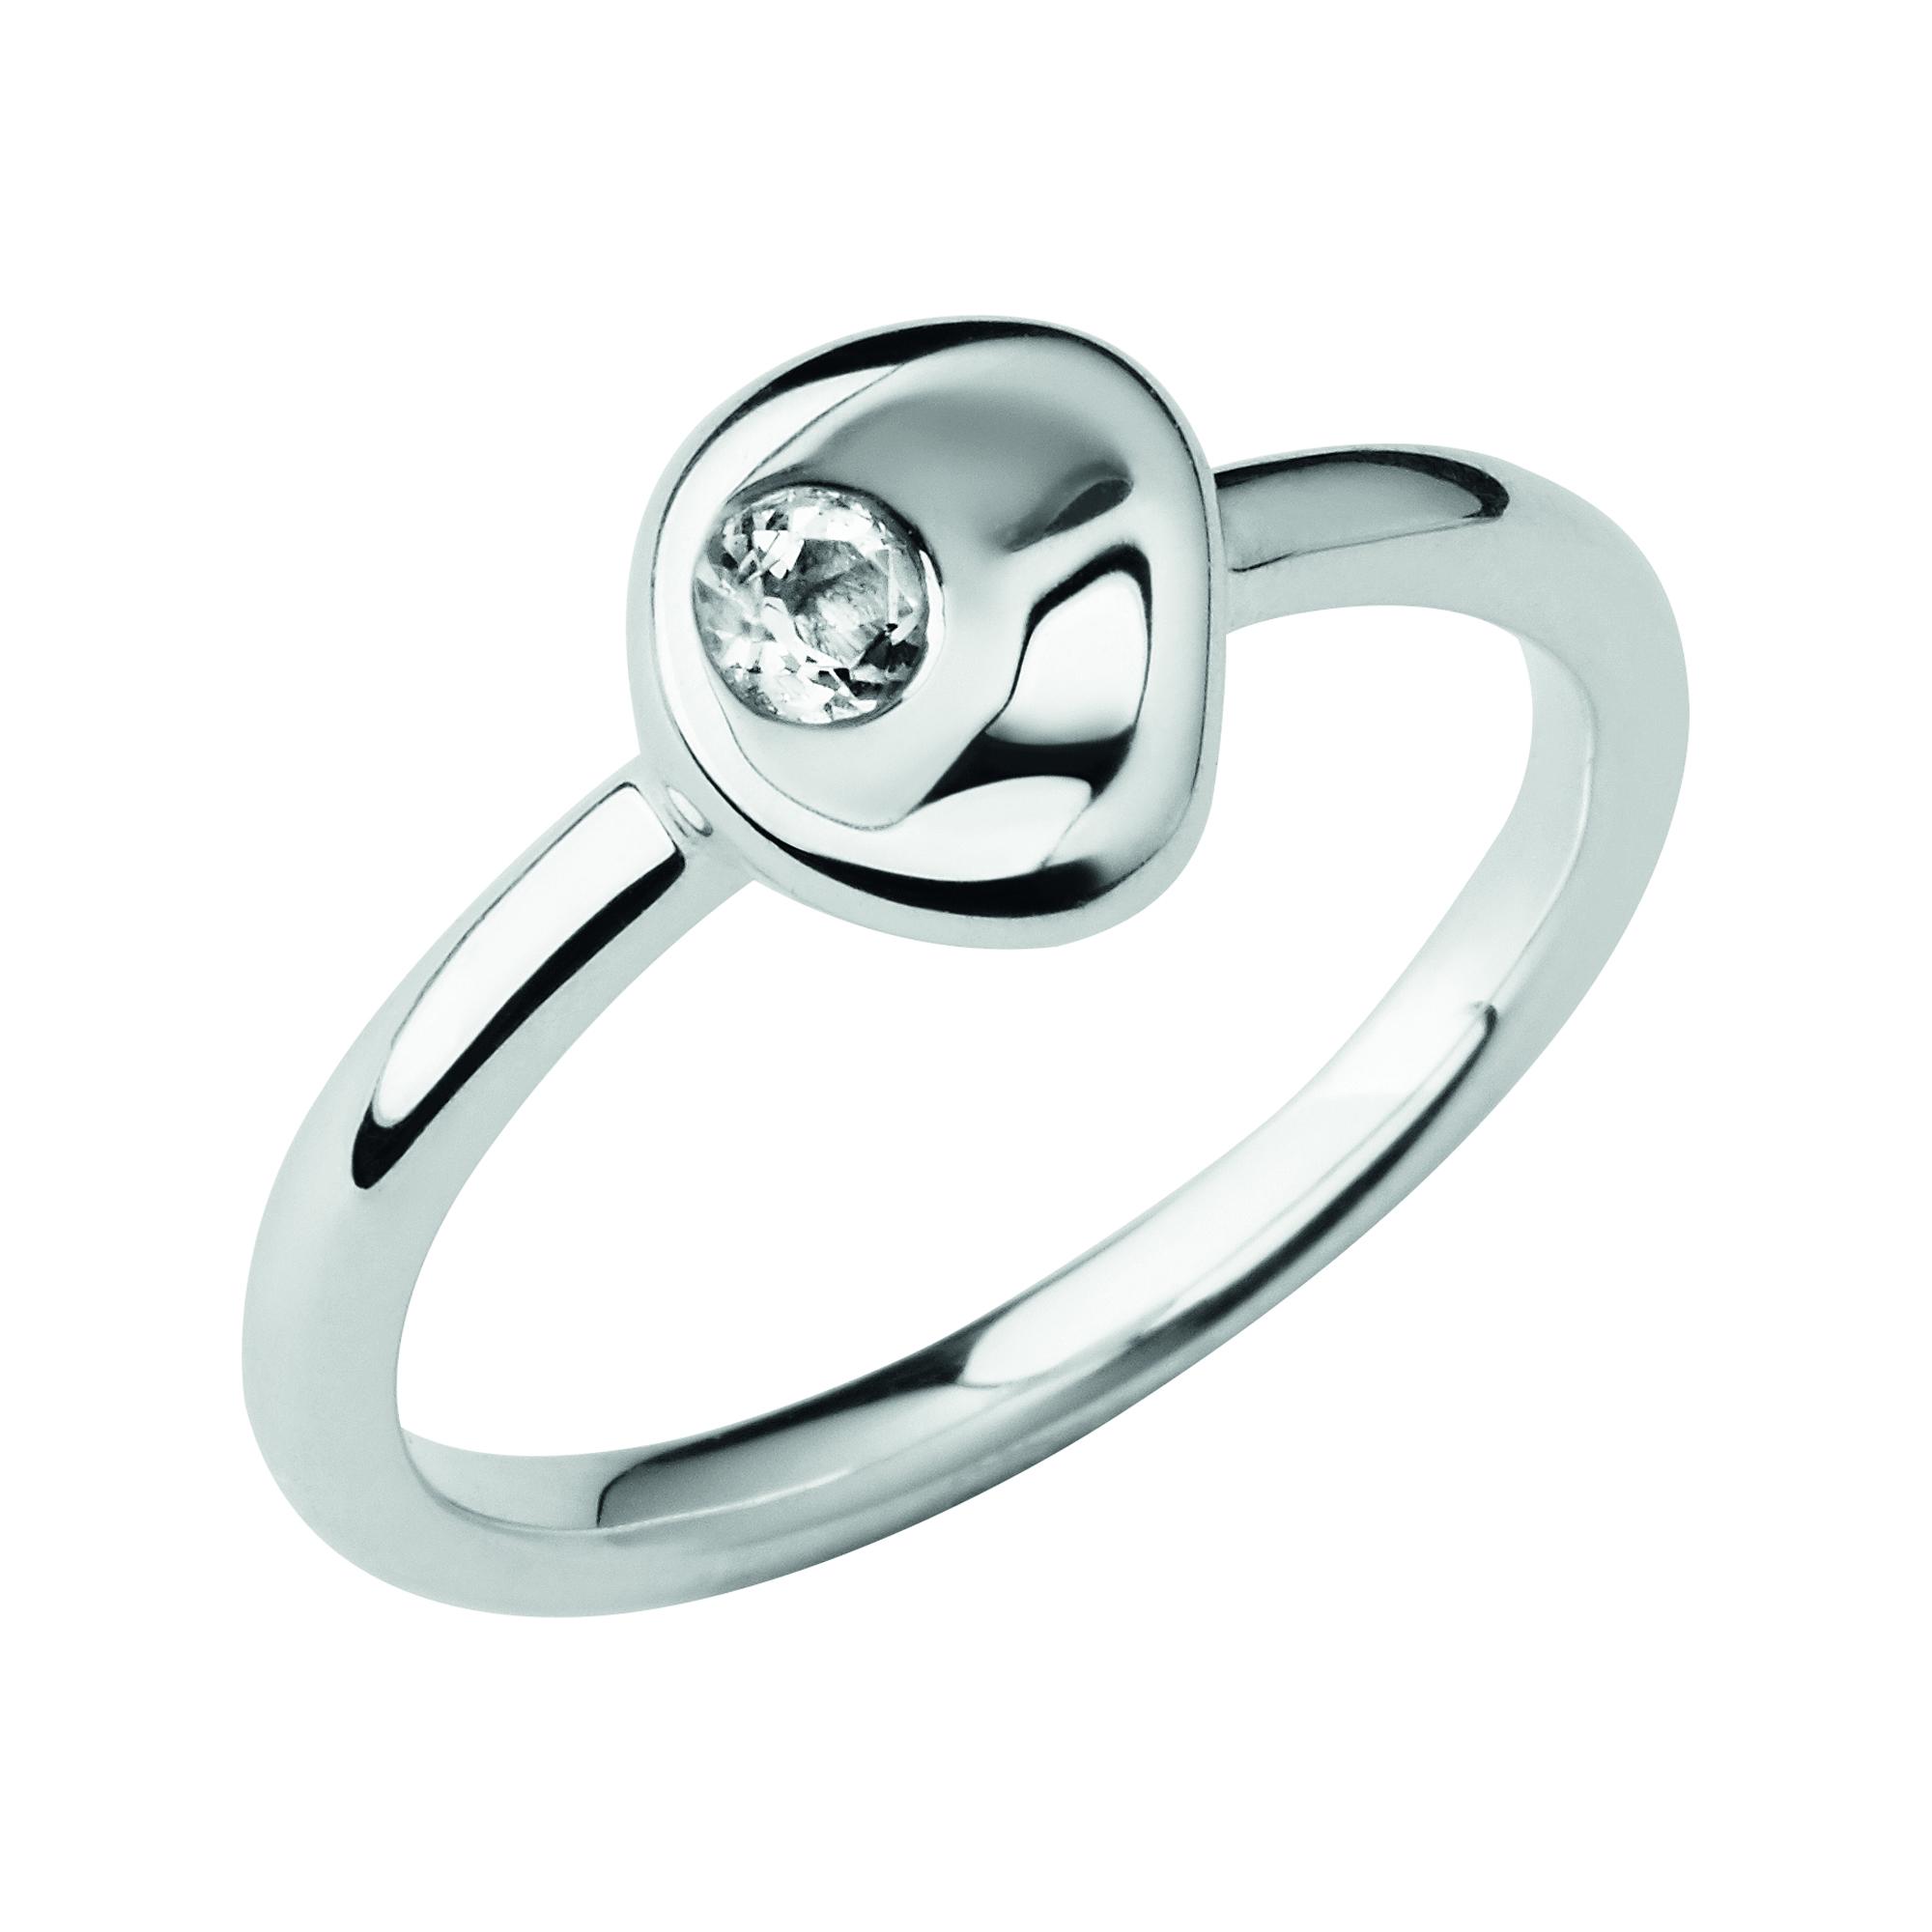 LINKS OF LONDON - Ασημένιο δαχτυλίδι Pebbles - μέγεθος 56 γυναικεία αξεσουάρ κοσμήματα δαχτυλίδια